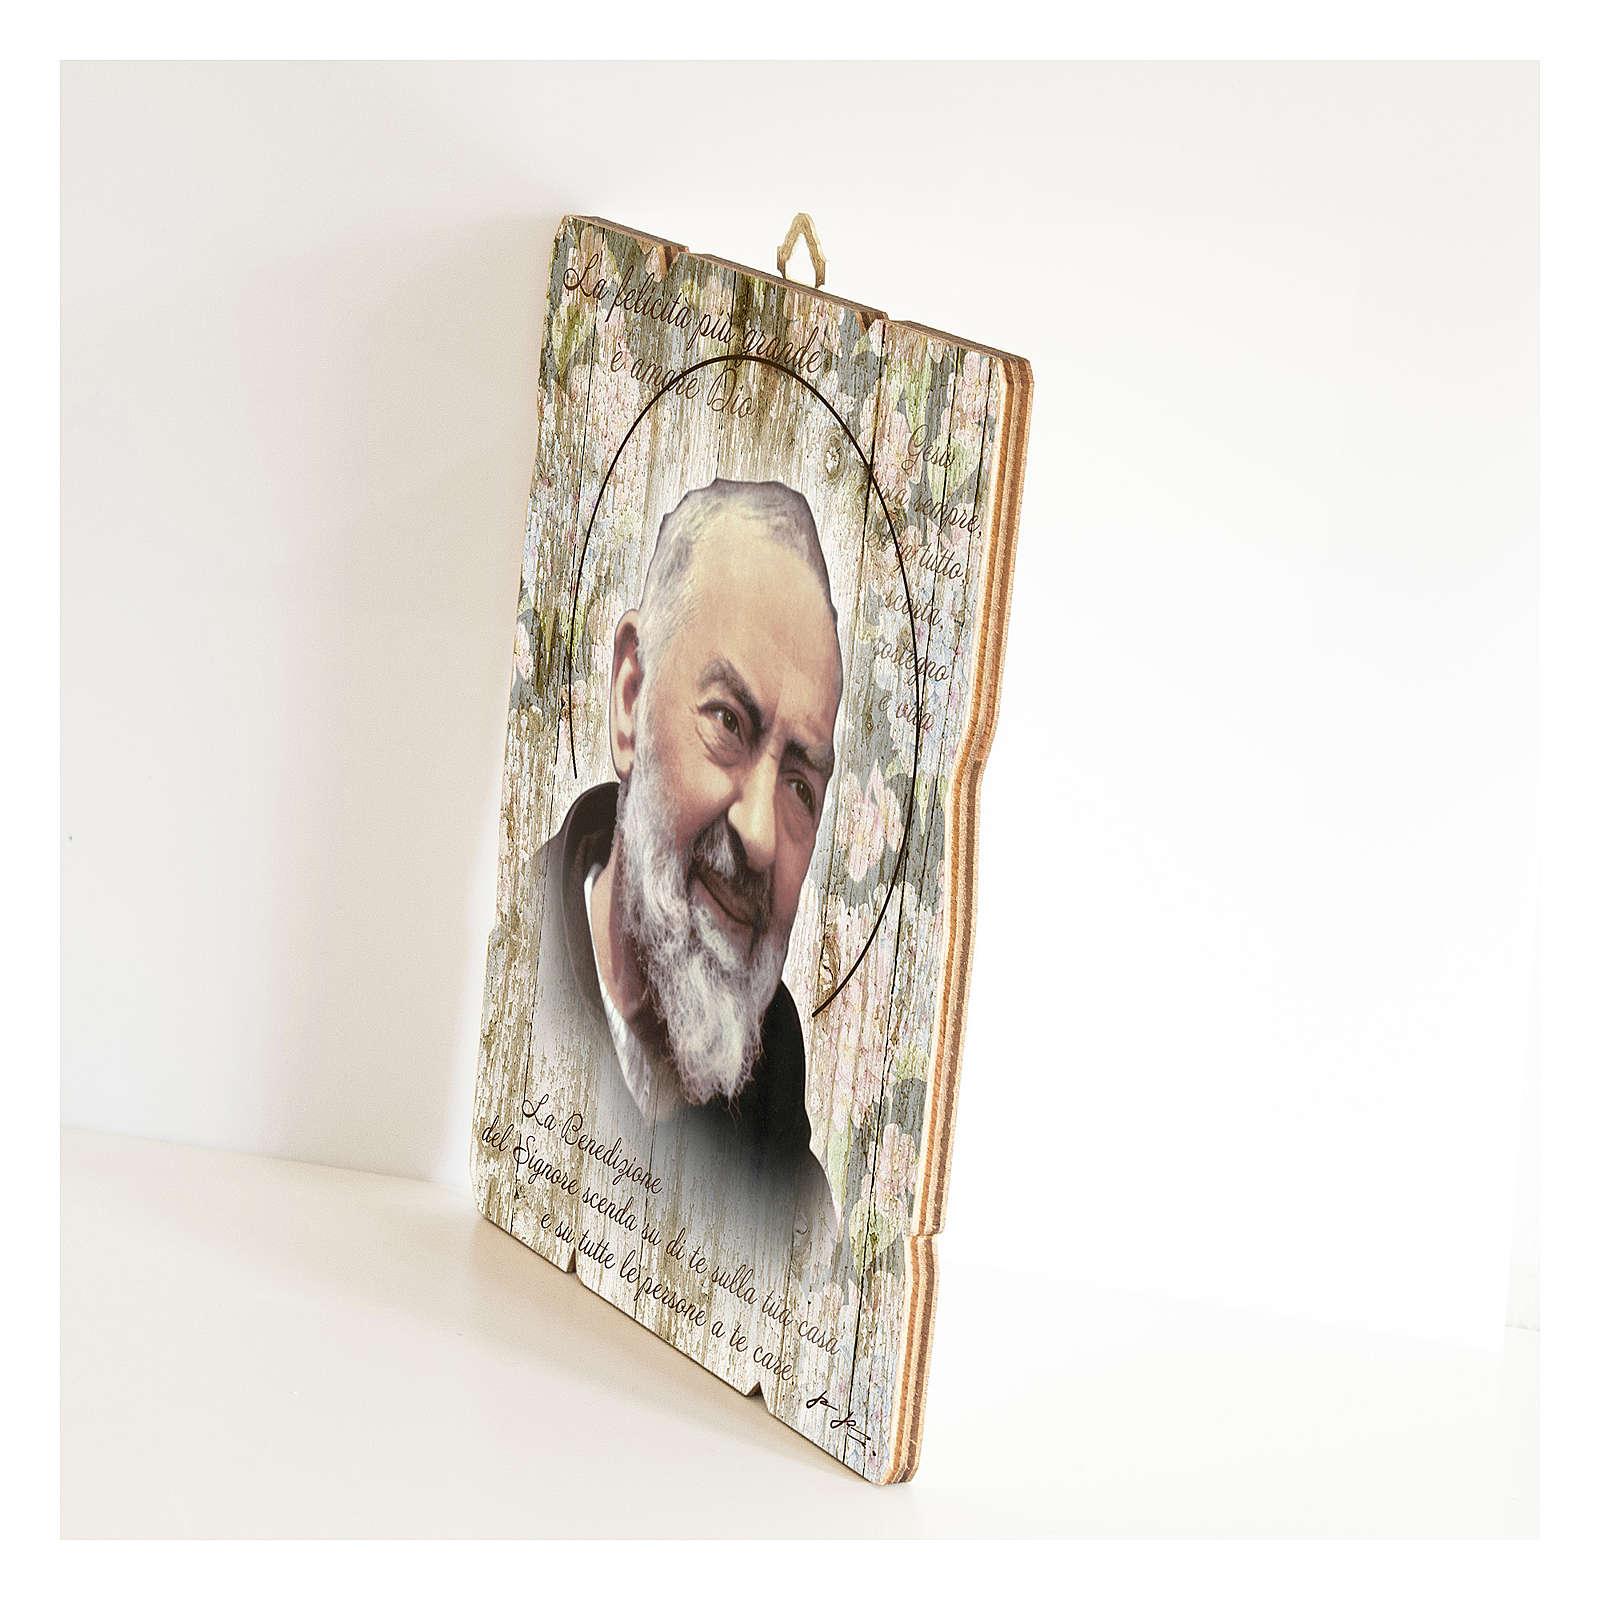 Obraz Ojciec Pio retro drewno profilowany brzeg haczyk 3